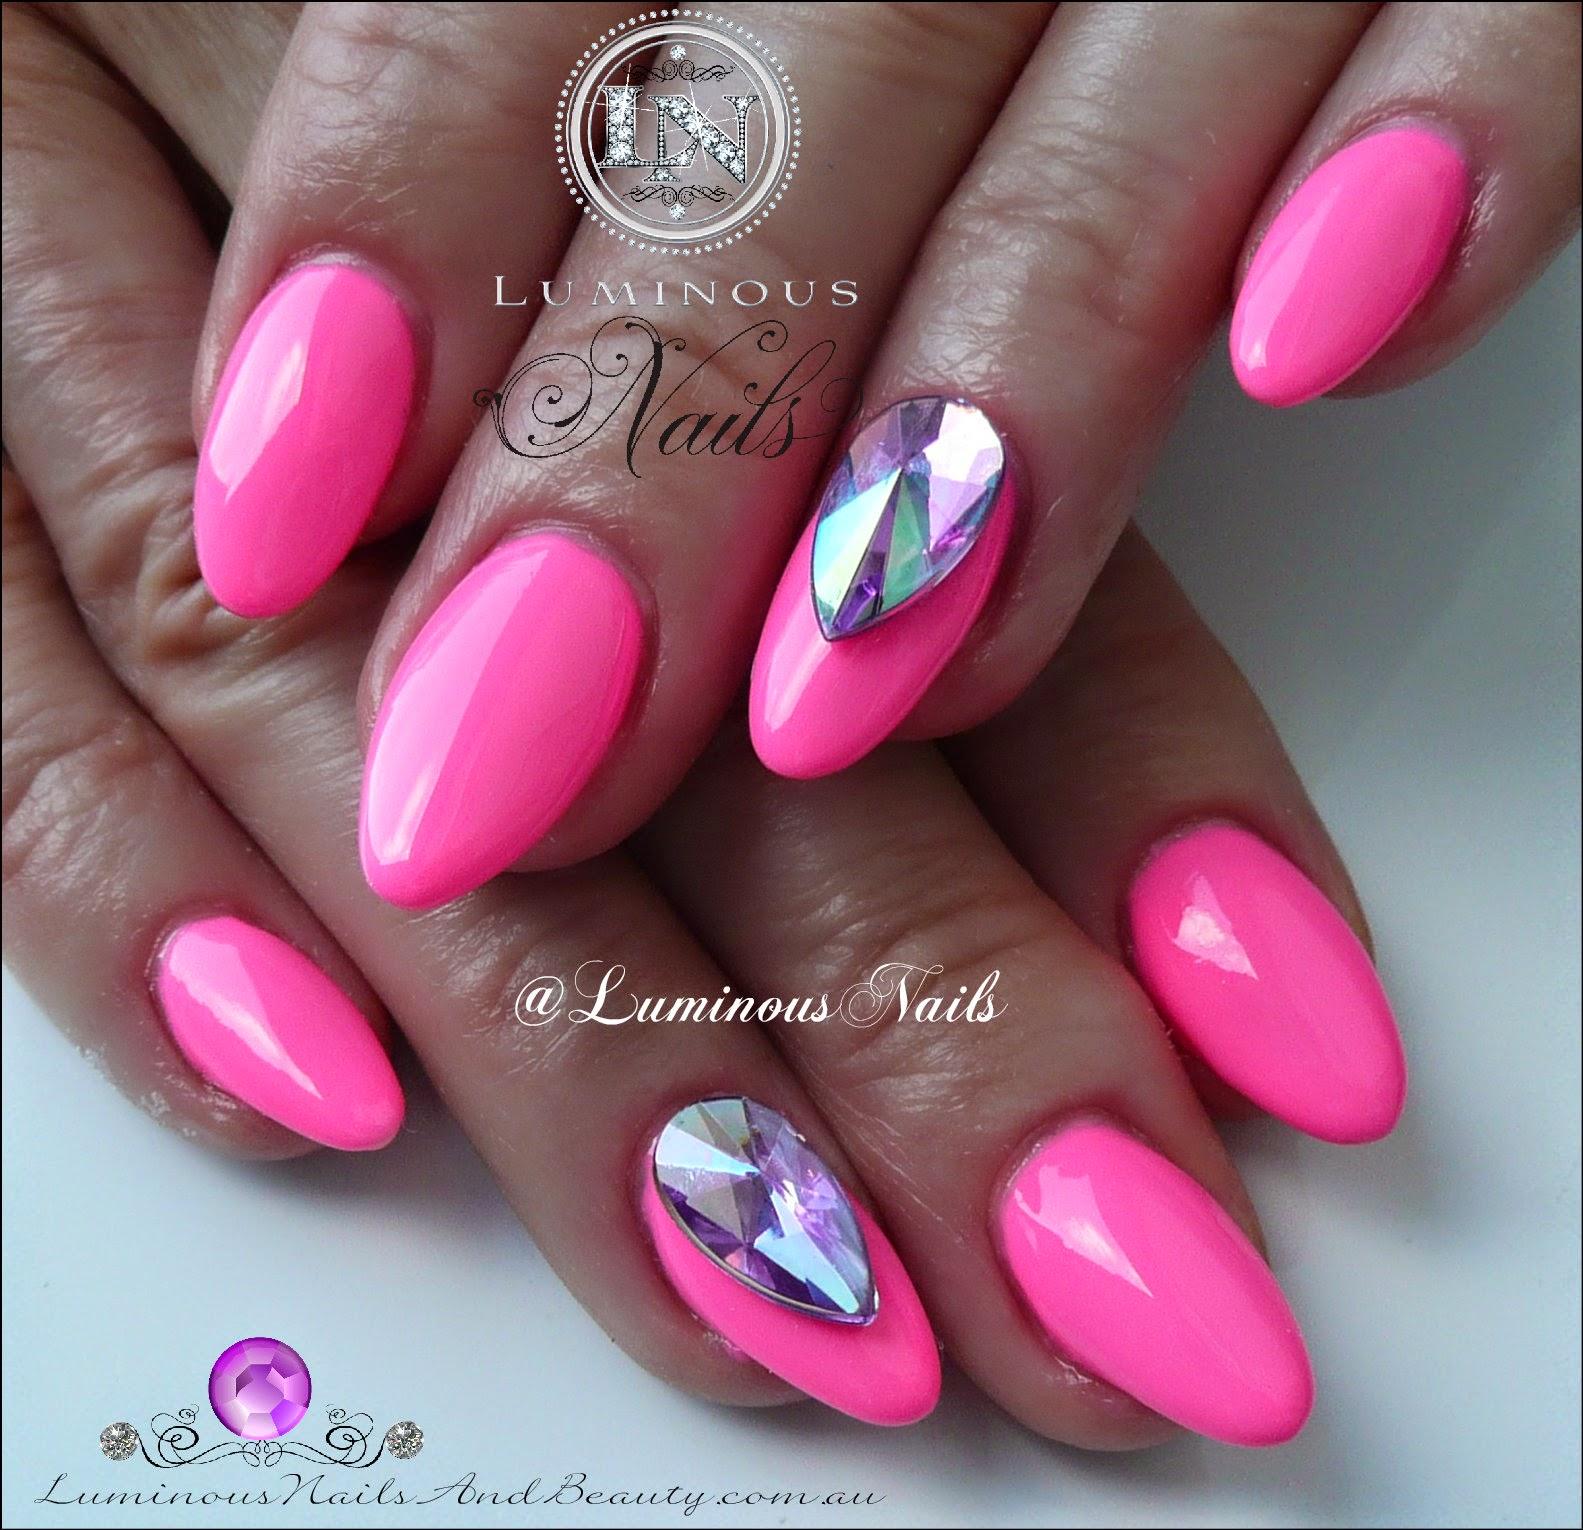 Hot pink and gold nail designs black gold nails on pinterest nail piercing sinaloa nails hot pink and gold nail designs prinsesfo Image collections